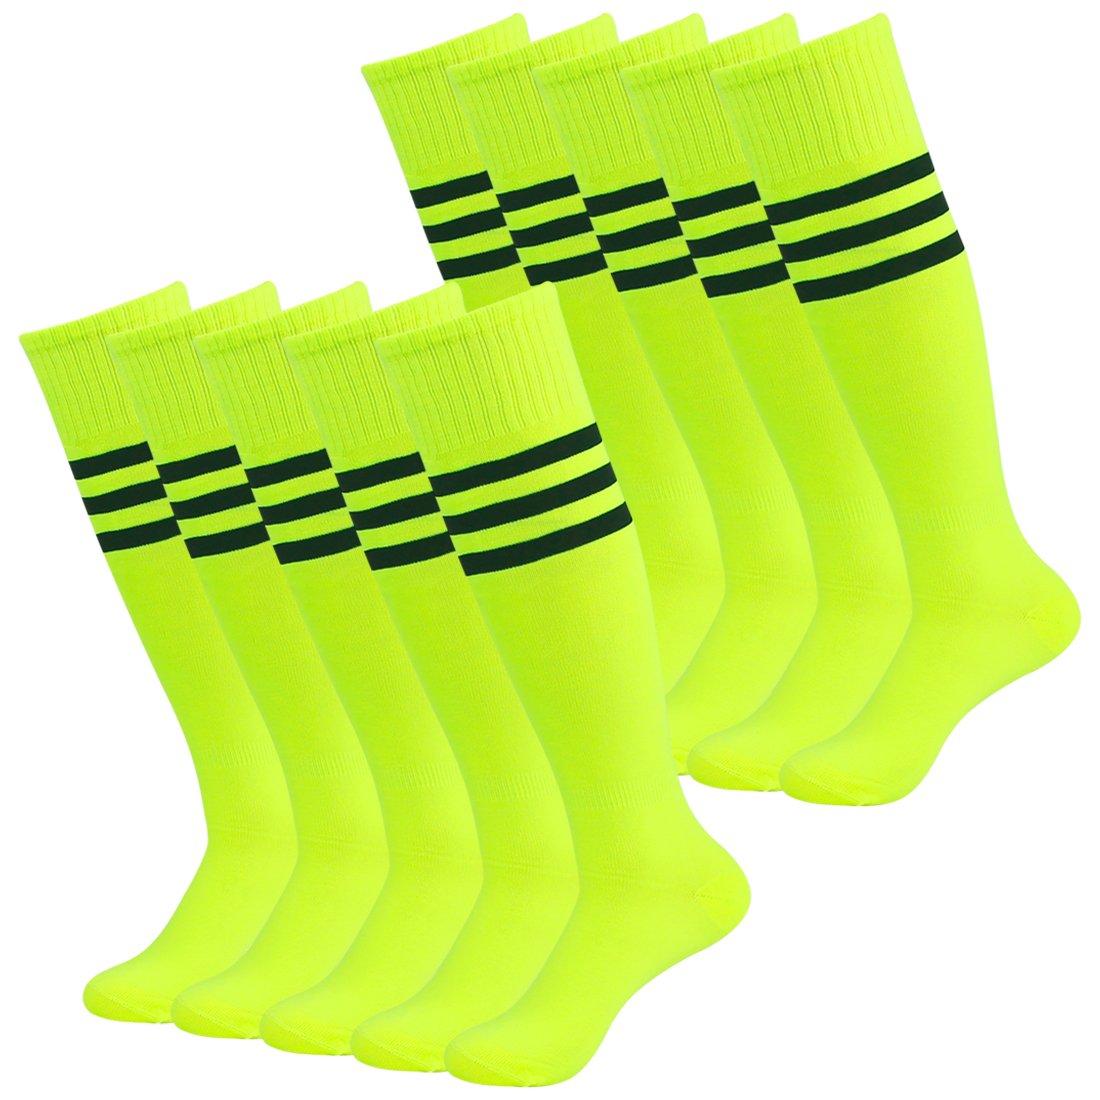 Fasoar Men's Women's Triple Stripe Knee High Soccer Tube Socks 10 Pack Fluorescence Green by Fasoar